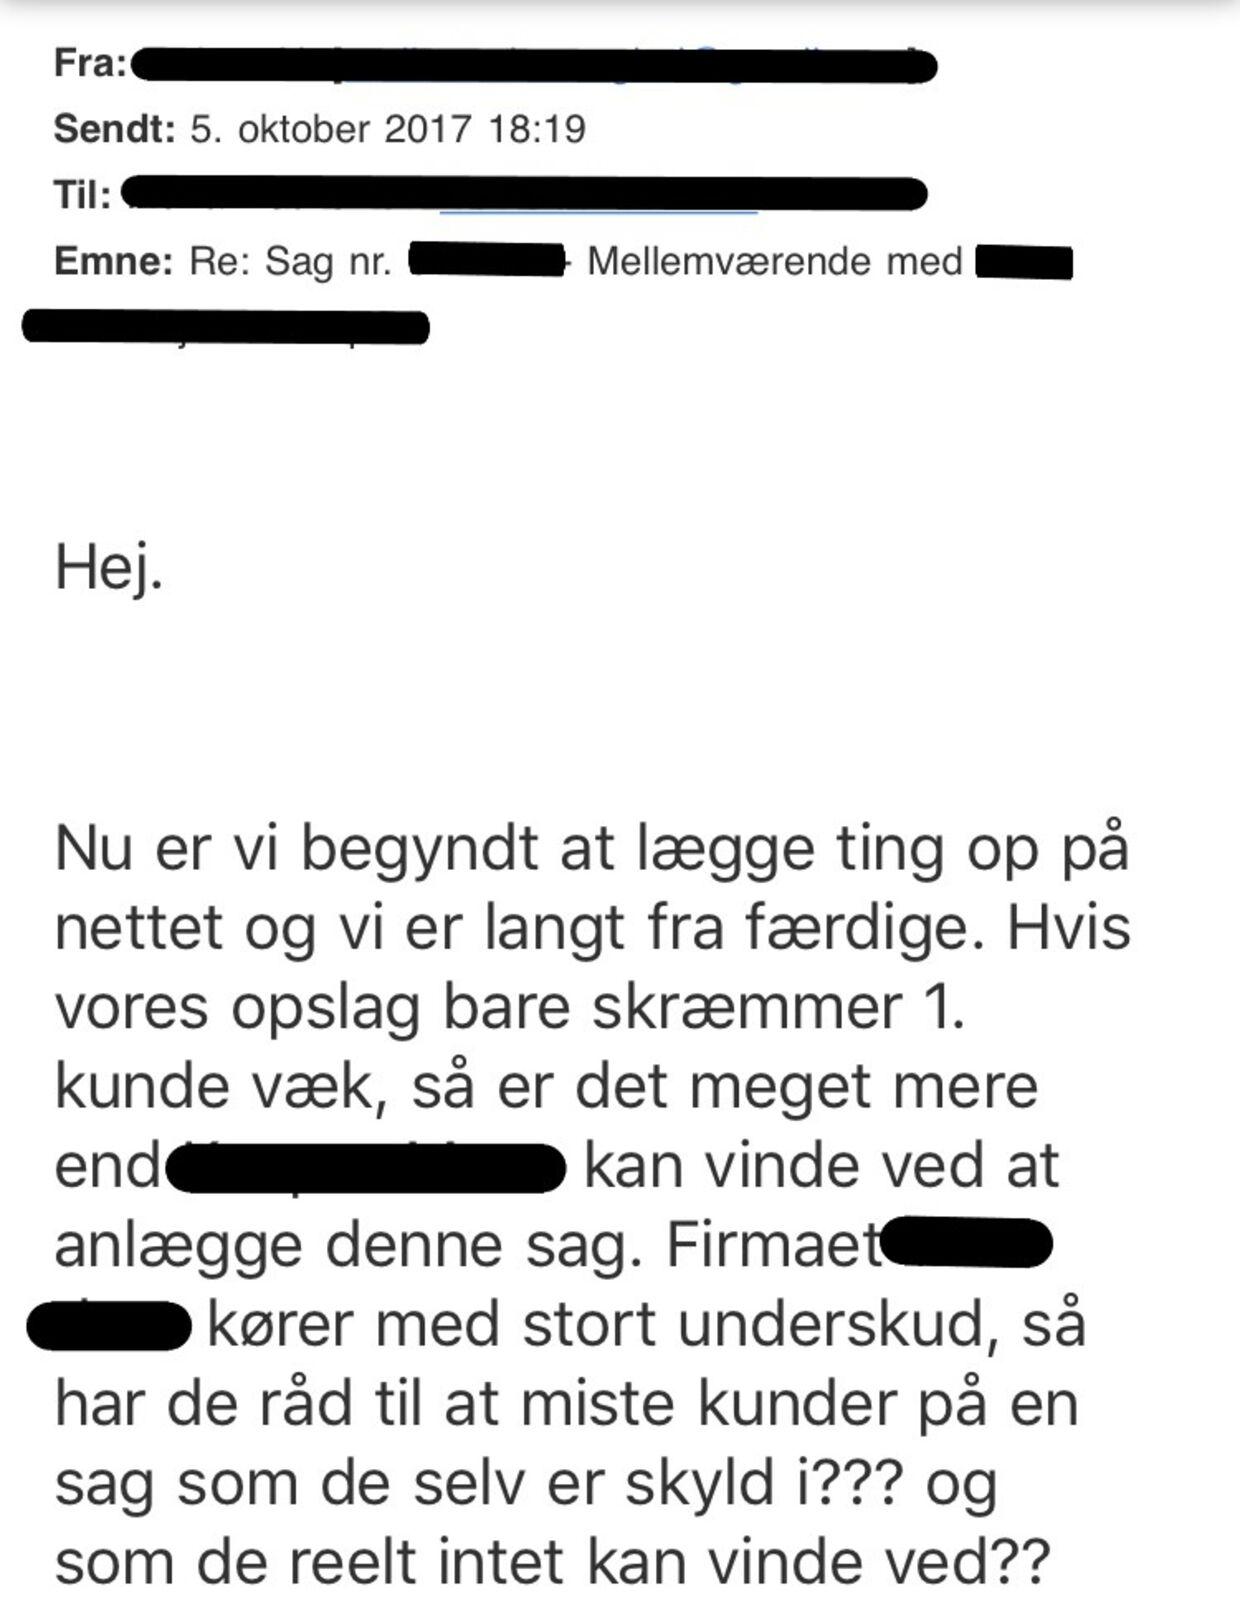 I denne mail forsøger en kunde at få virksomhedsejeren til at droppe sagsanlæggelsen, efter kunden tidligere har forsøgt at få et nedslag i prisen.